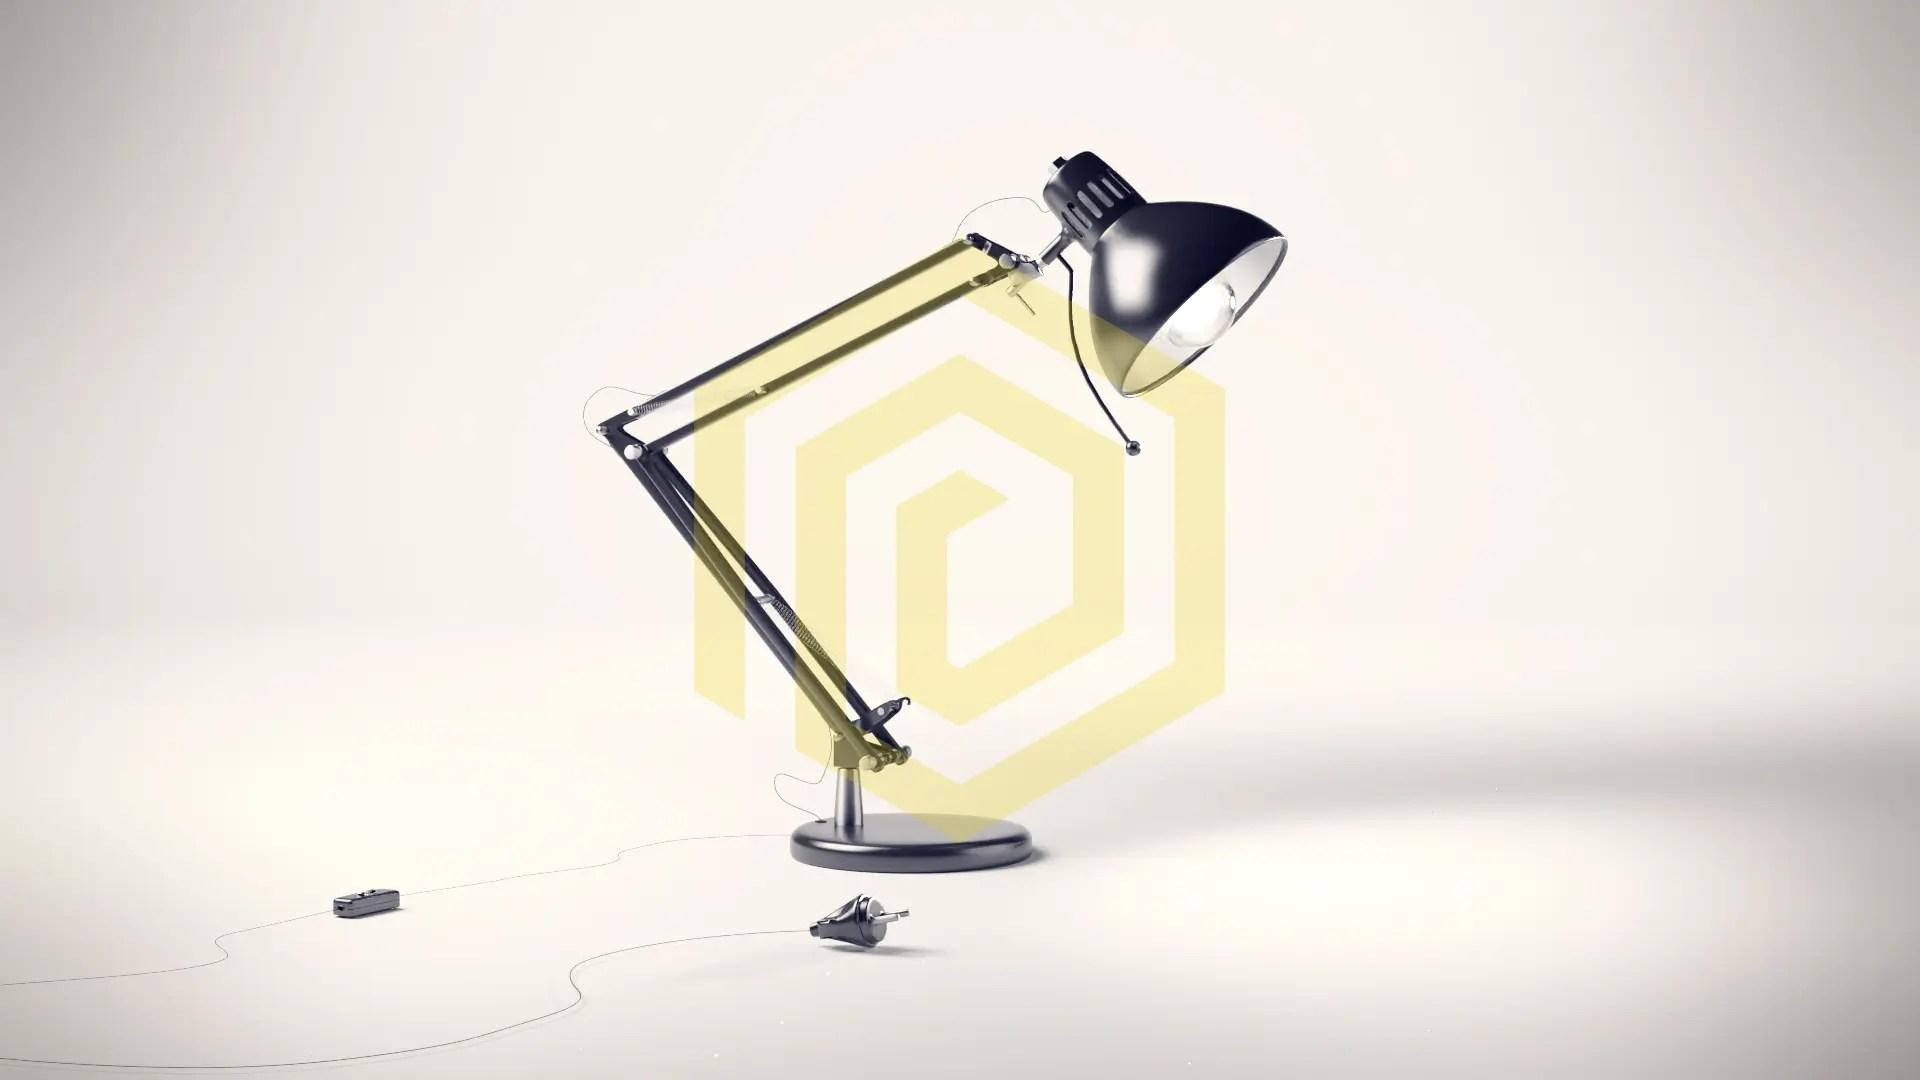 Lampen Design in Weißraum ohne Kratzer und Staubpartikel